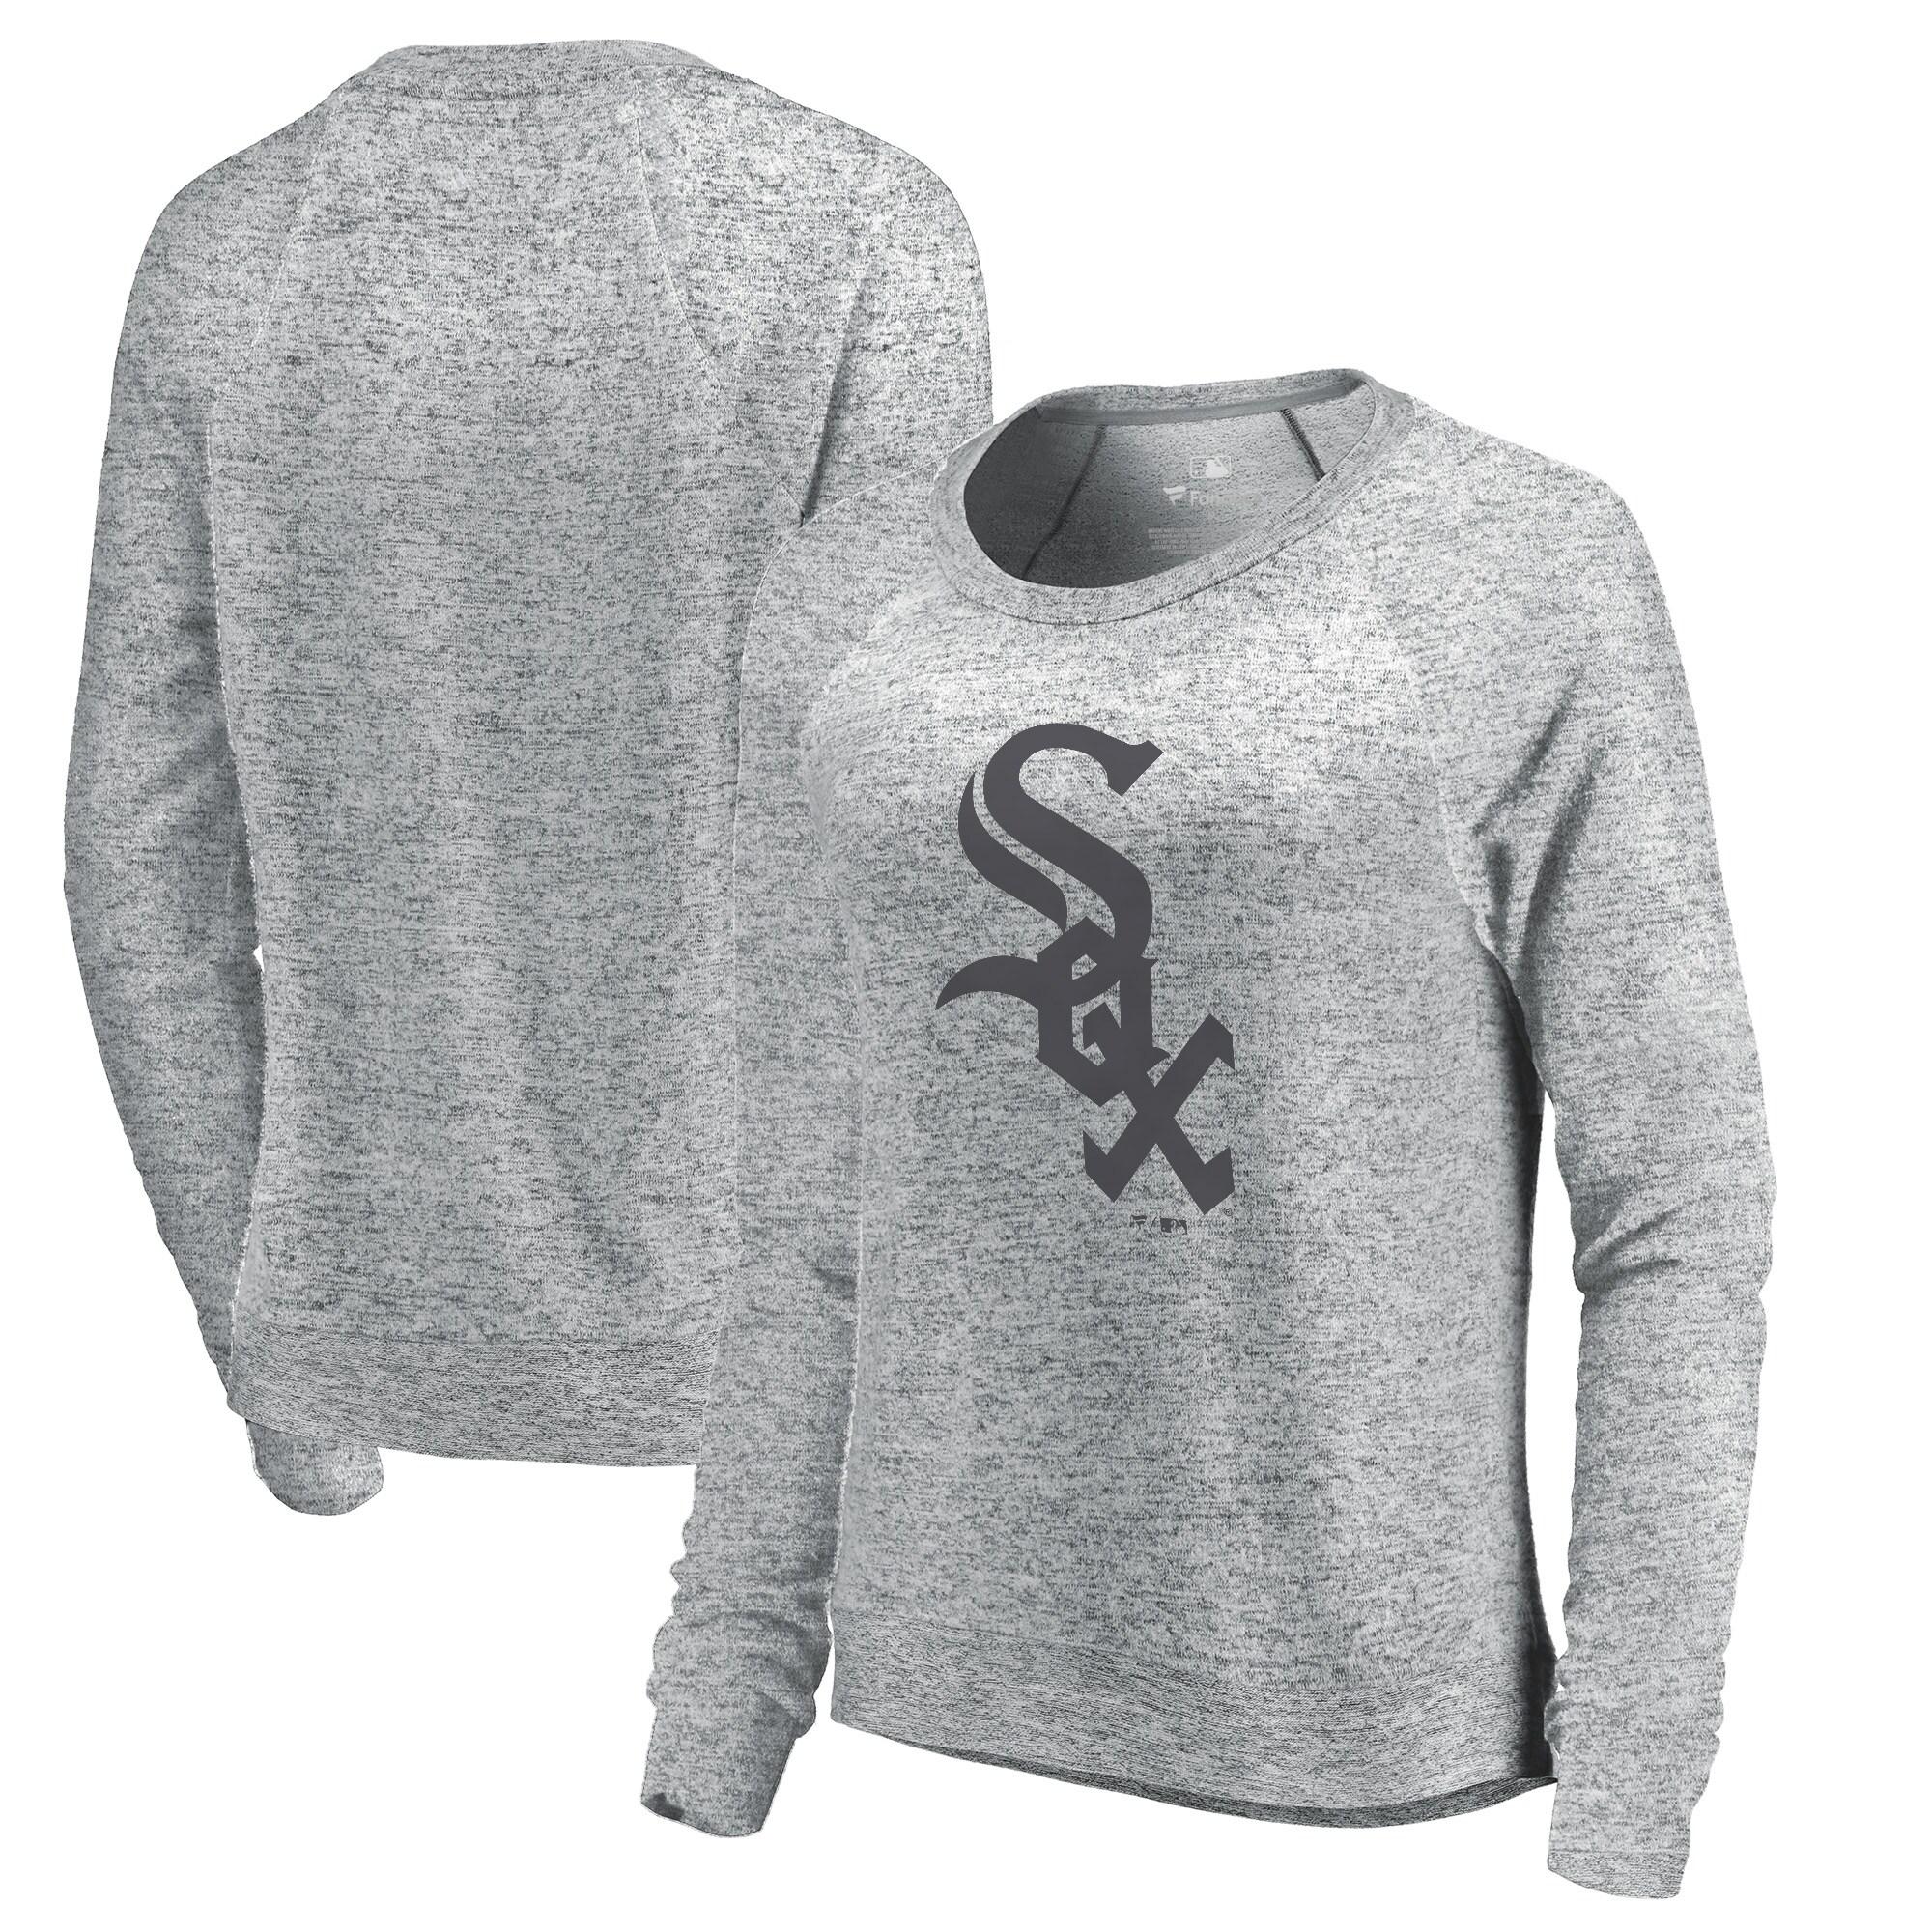 Chicago White Sox Let Loose by RNL Women's Cozy Collection Plush Raglan Tri-Blend Sweatshirt - Ash